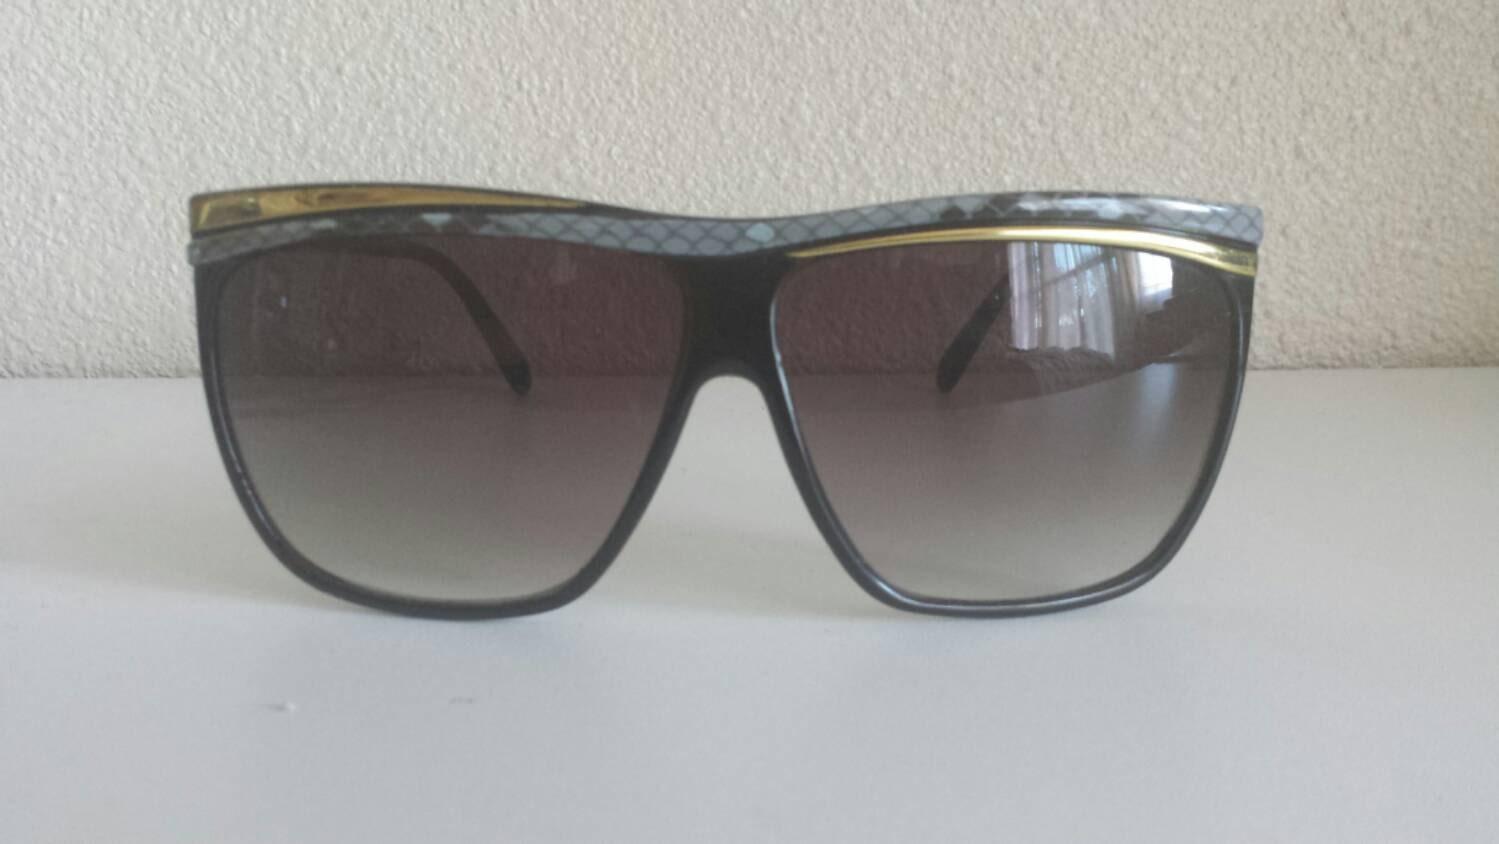 Sweet Vintage Rocker Sunglasses Haute Juice